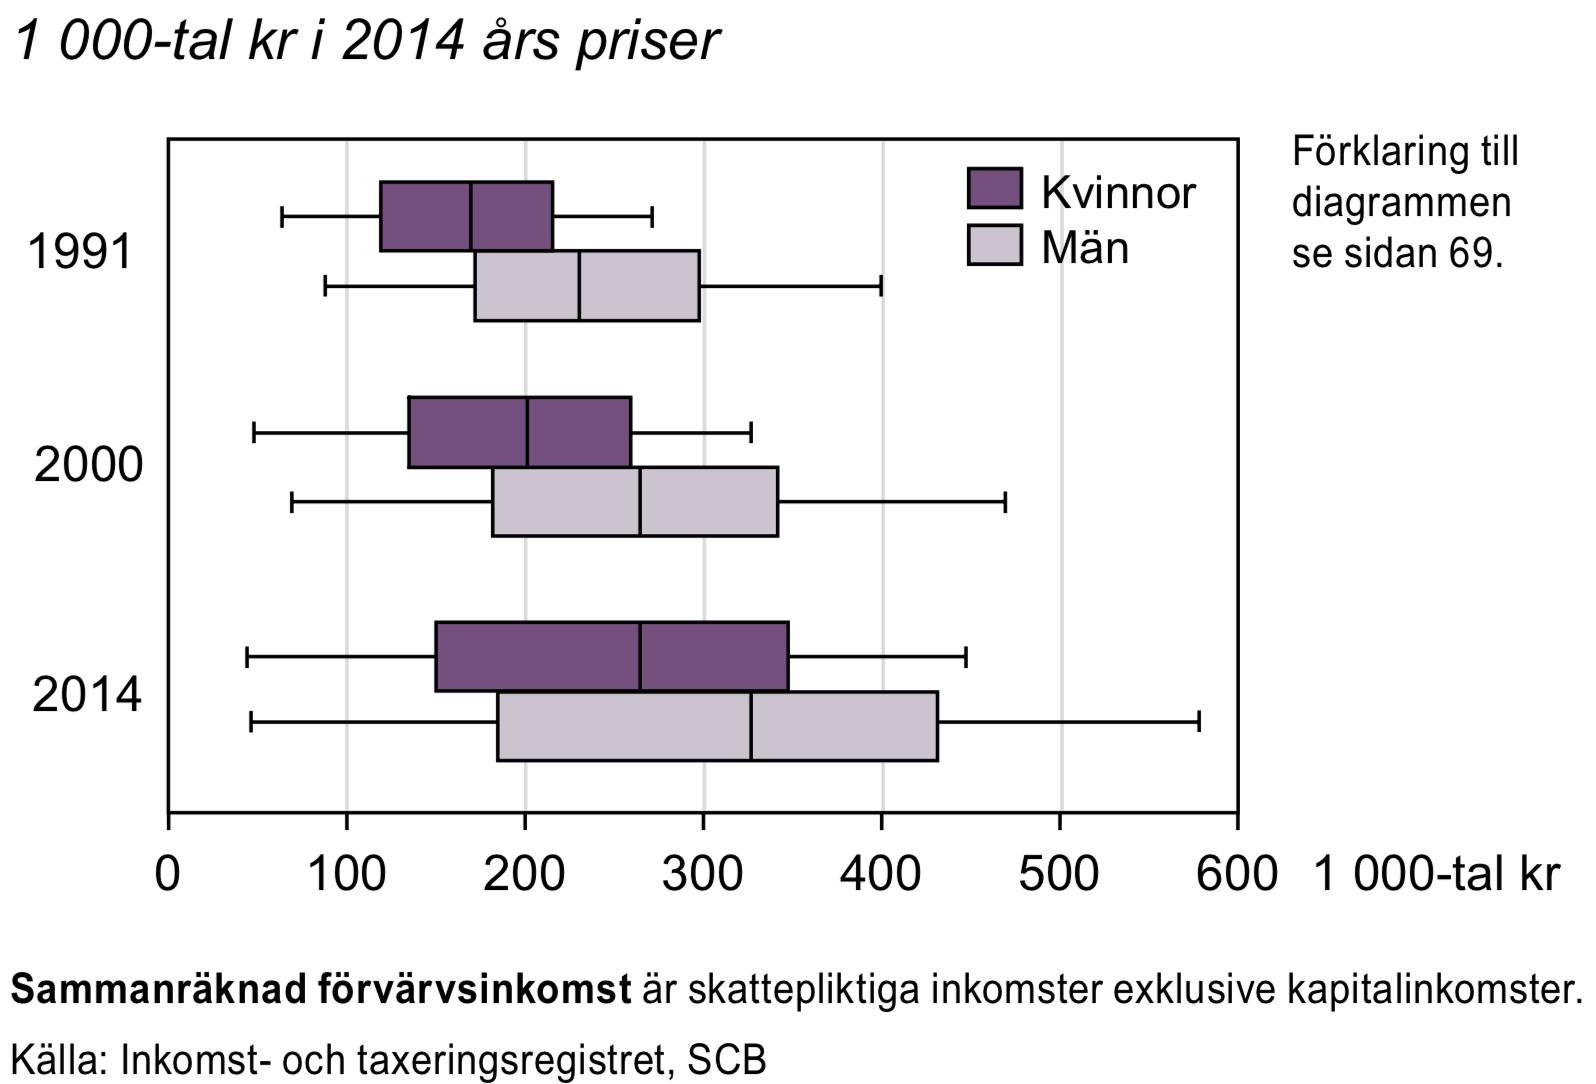 Sammanräknad förvärvsinkomst för individer 20-64 år 1991, 2000 och 2014